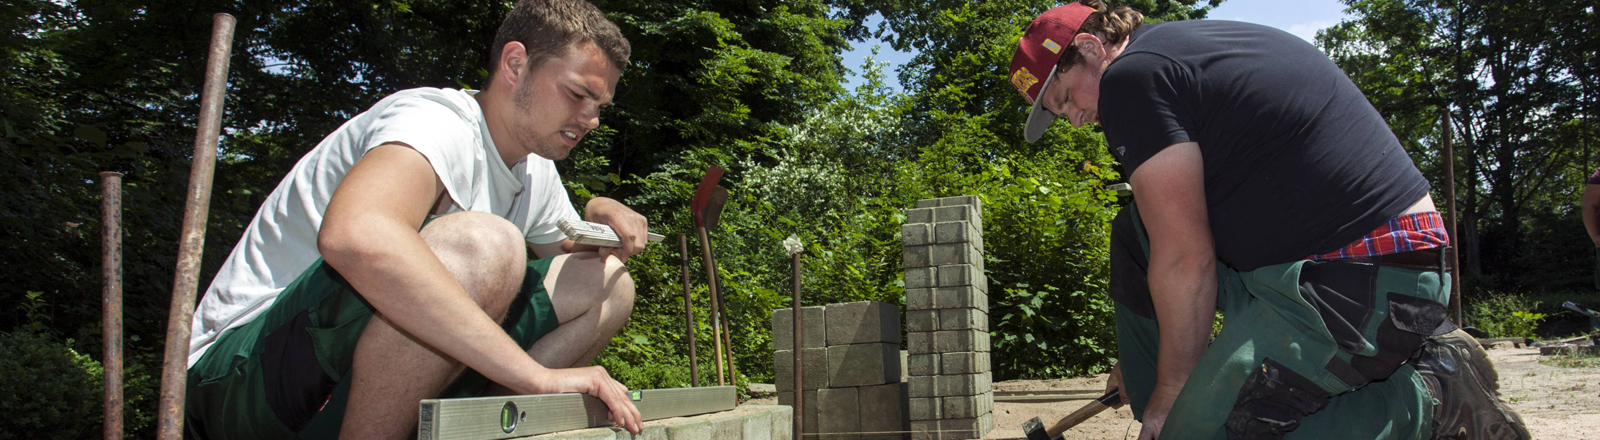 Zwei junge Azubis arbeiten auf dem Bau.